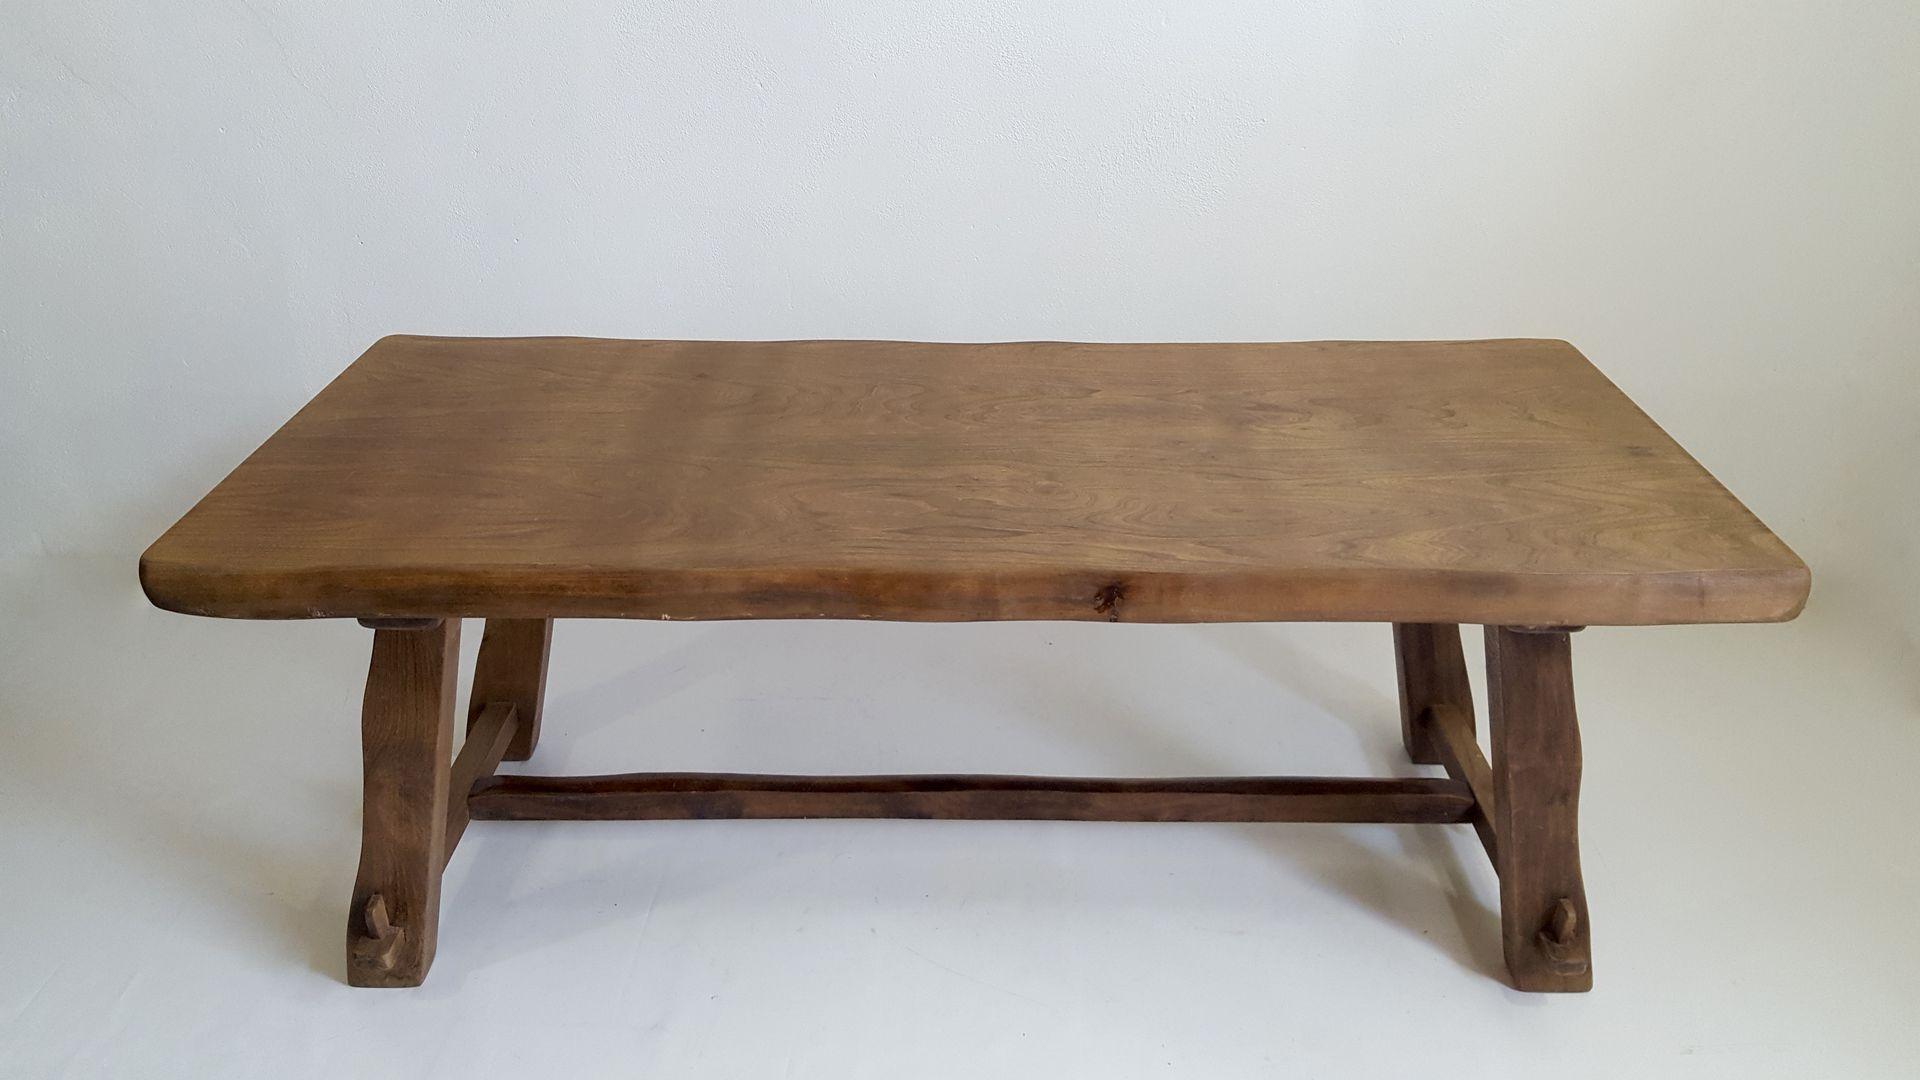 Table de salle manger model t en orme par olavi hanninen for Salle a manger 1950